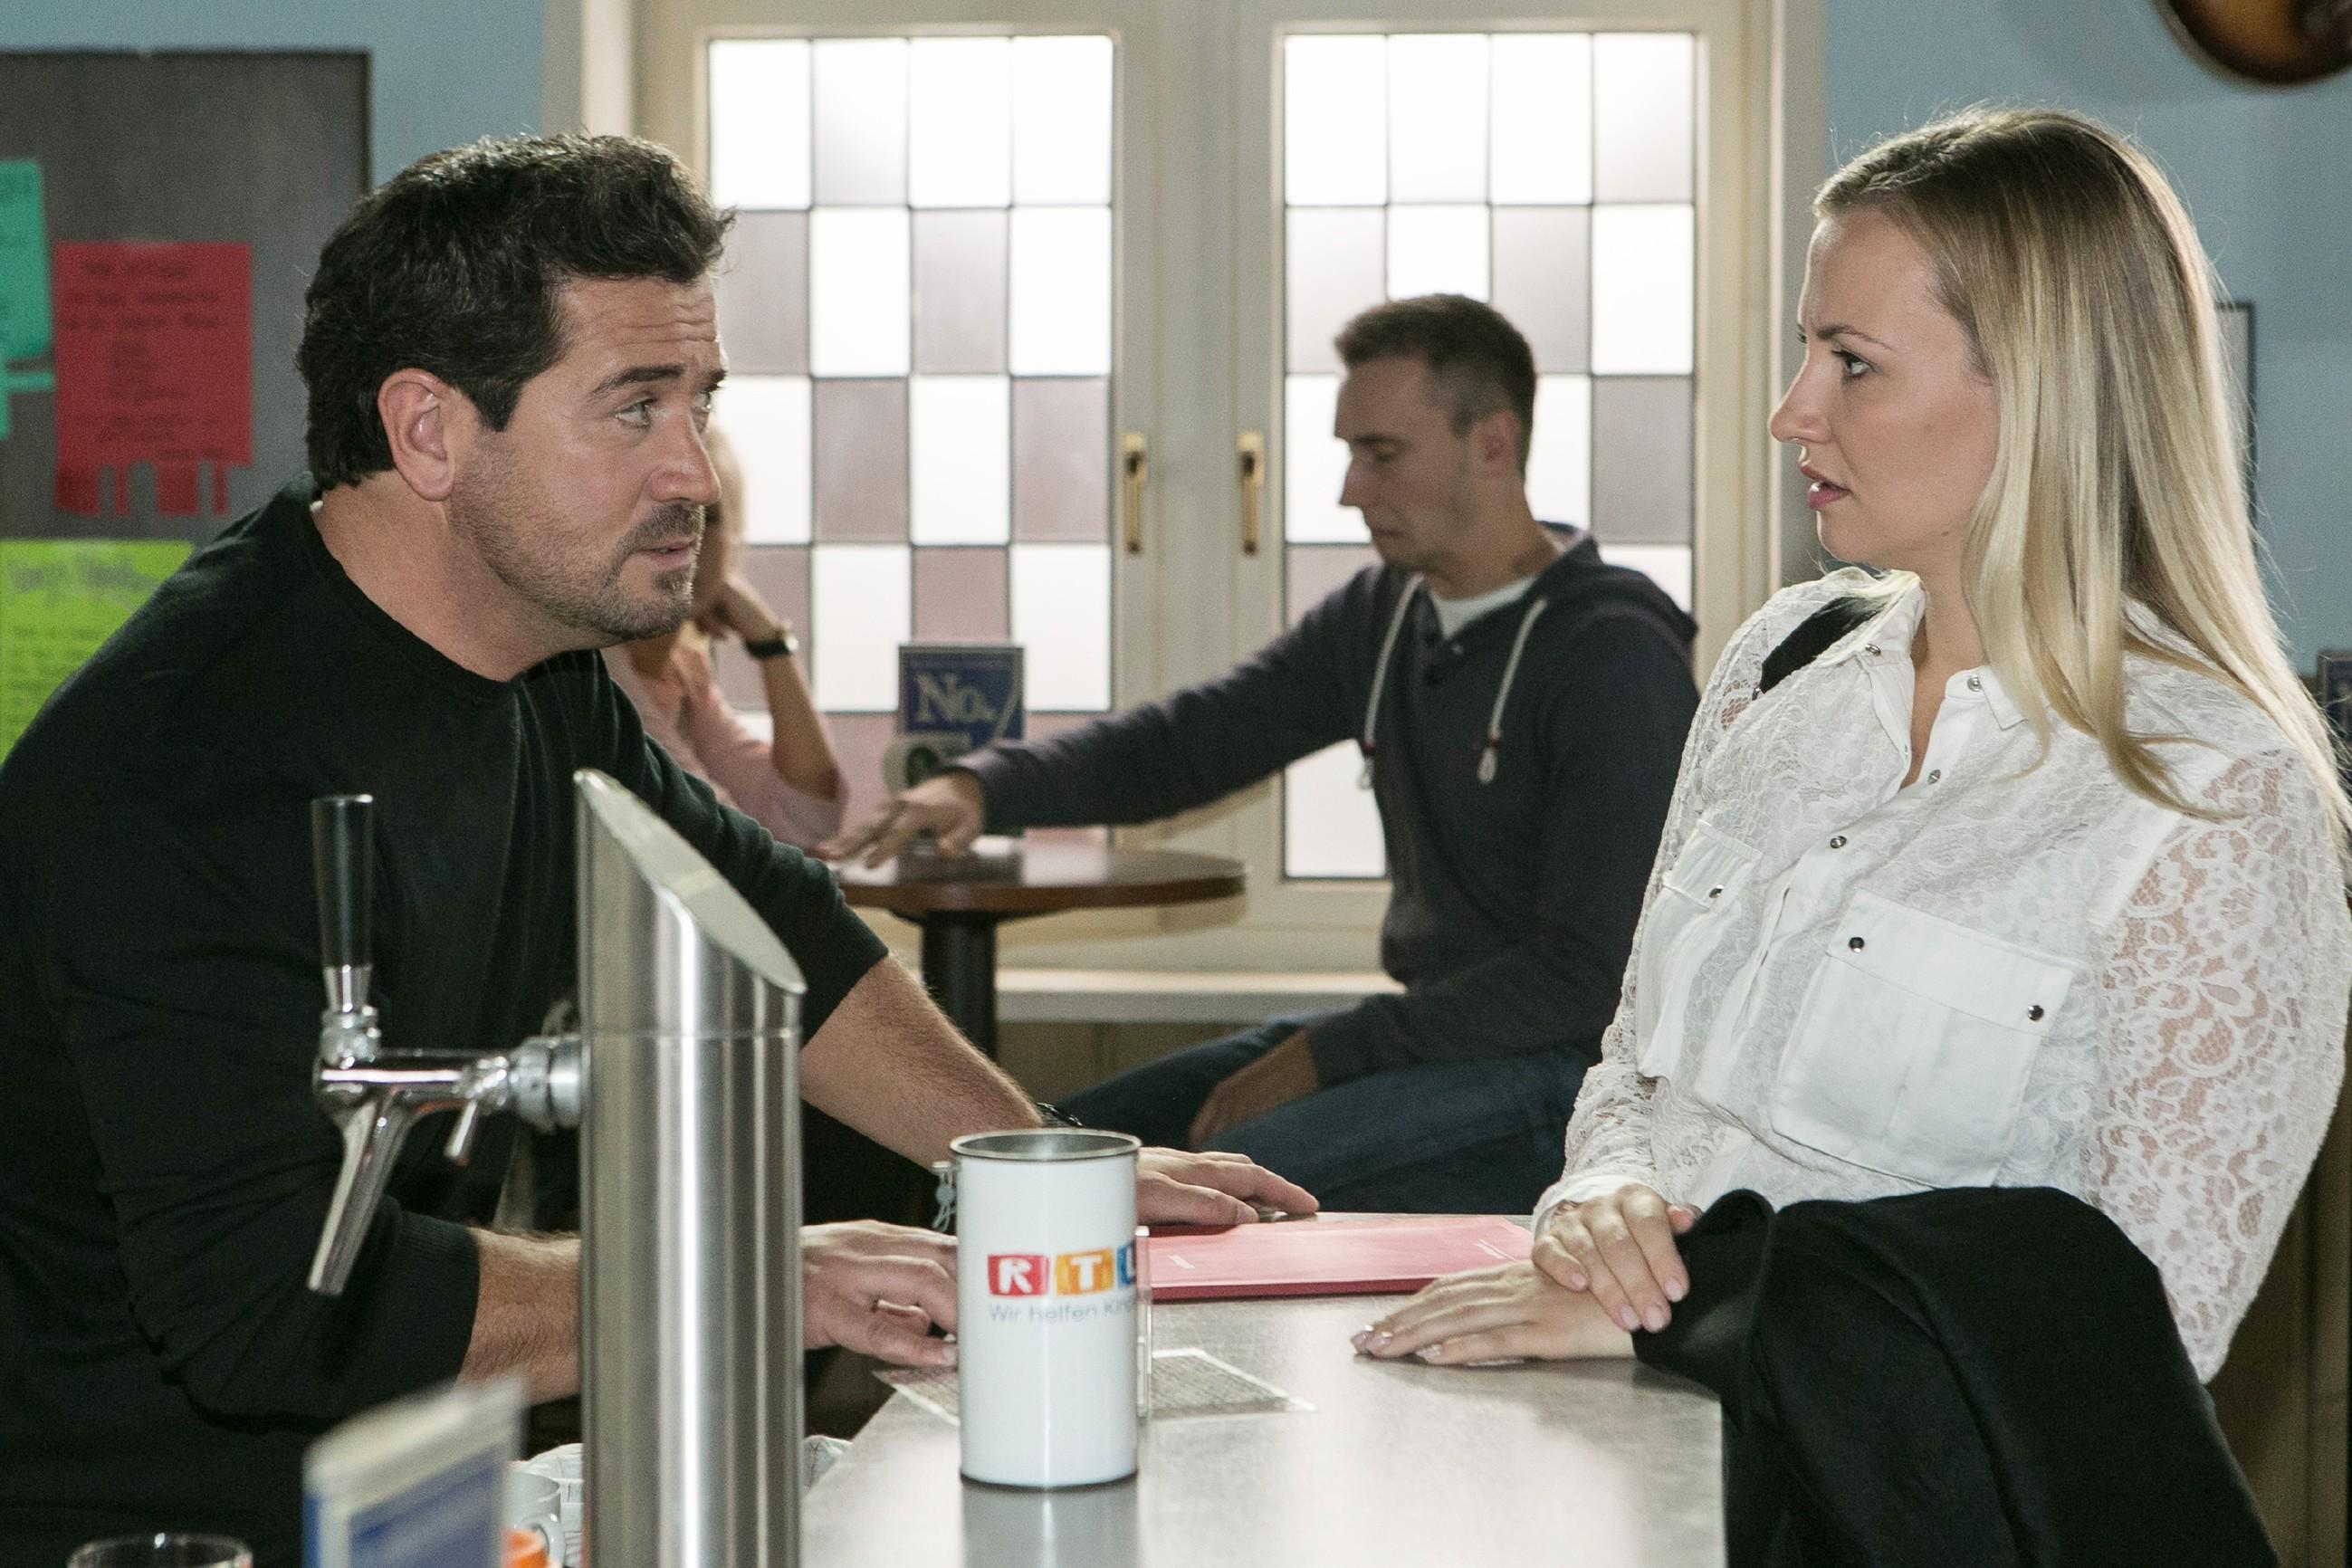 Während Isabelle (Ania Niedieck) glaubt, aus Leos Einzug auch ihren Vorteil ziehen zu können, vermutet Marian (Sam Eisenstein), dass Isabelles Ex-Mann hinter den Stromausfällen und der Untersuchung der Lebensmittelkontrolleure steckt... (Quelle: RTL / Kai Schulz)